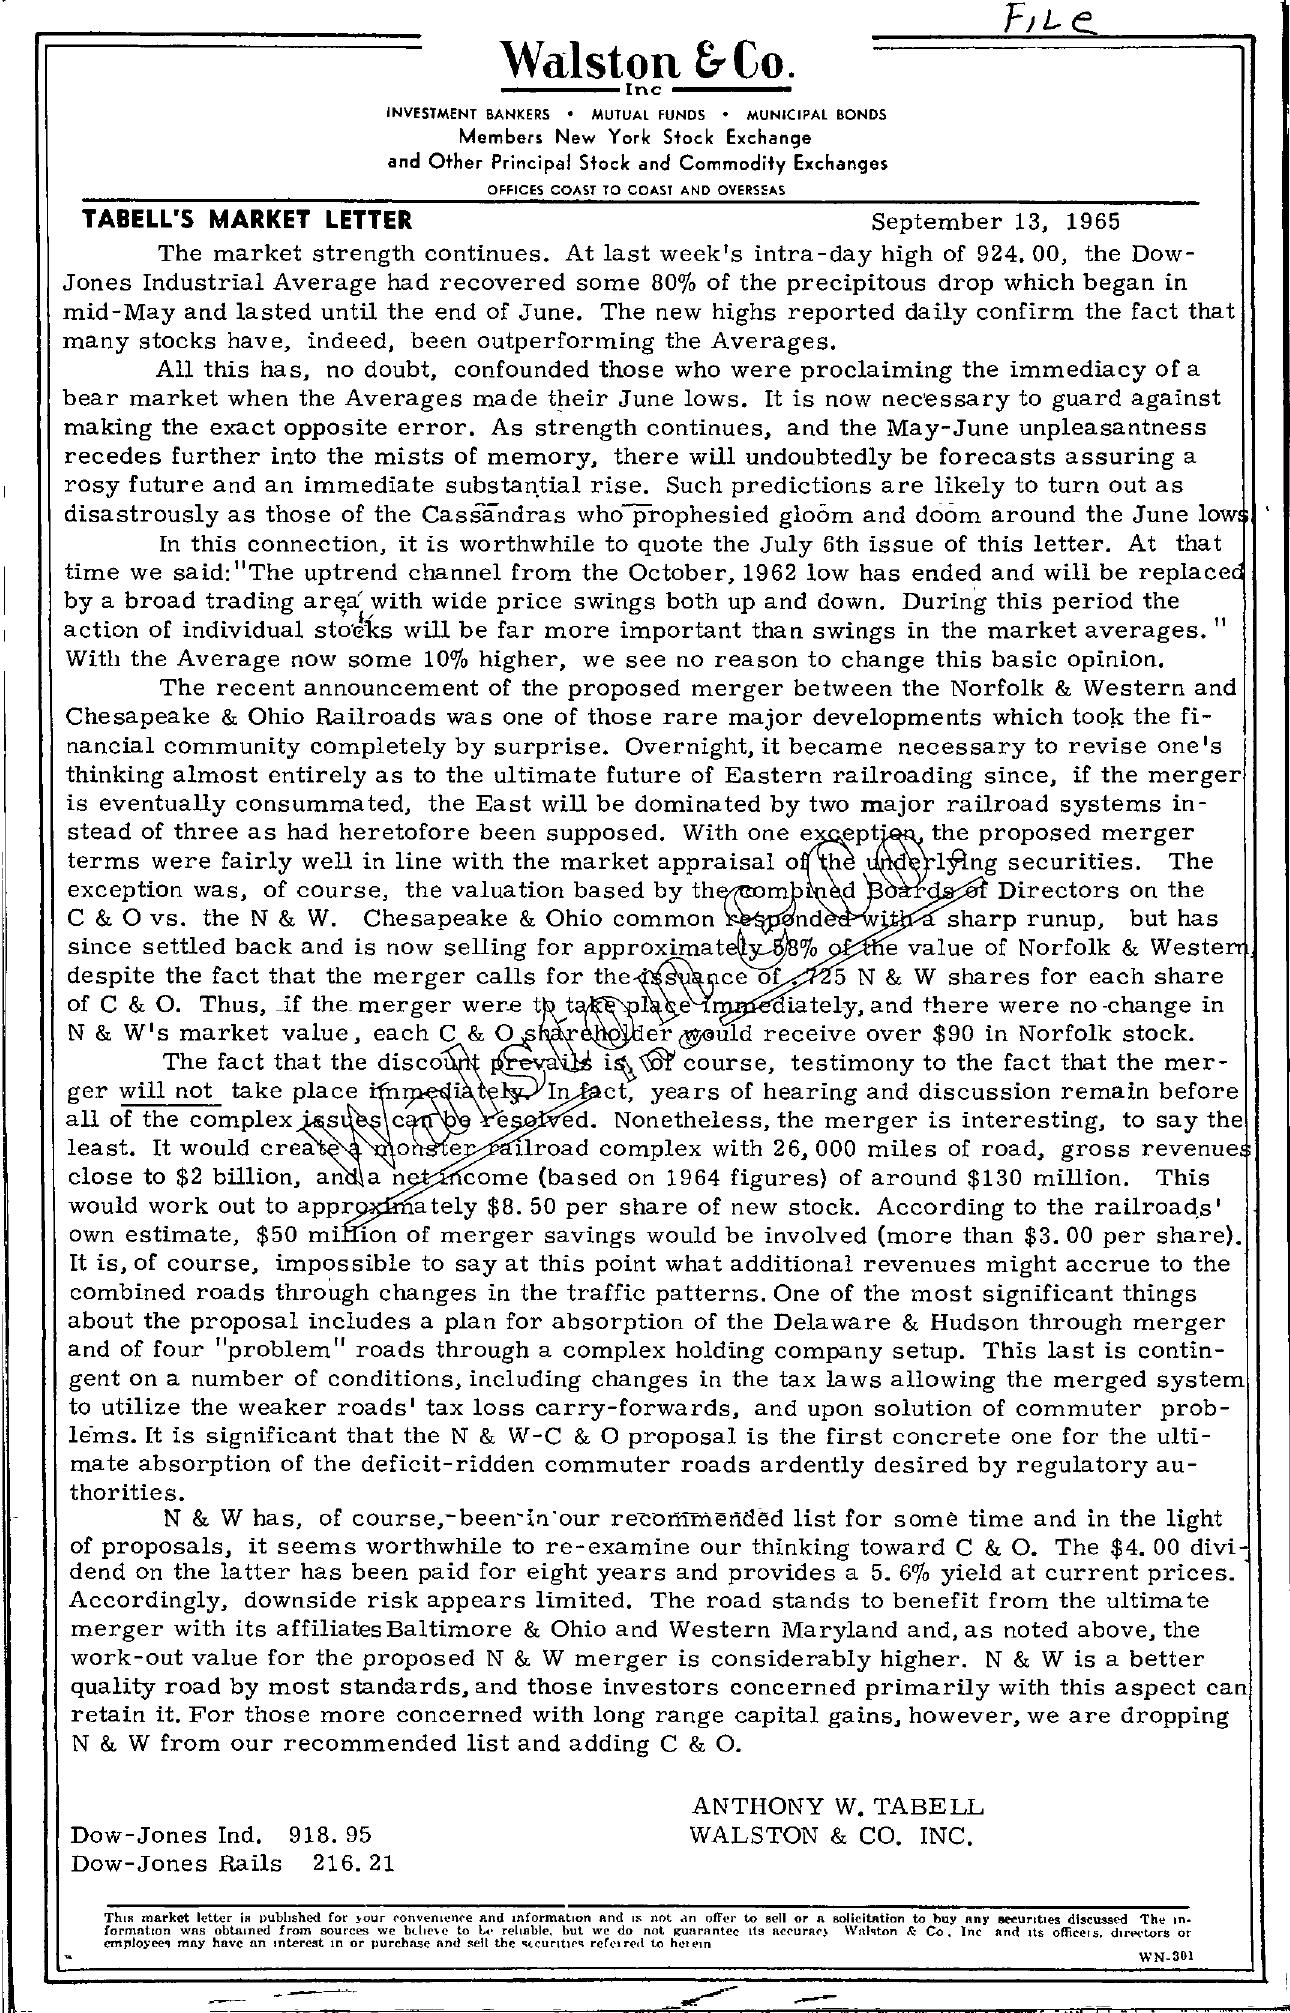 Tabell's Market Letter - September 13, 1965